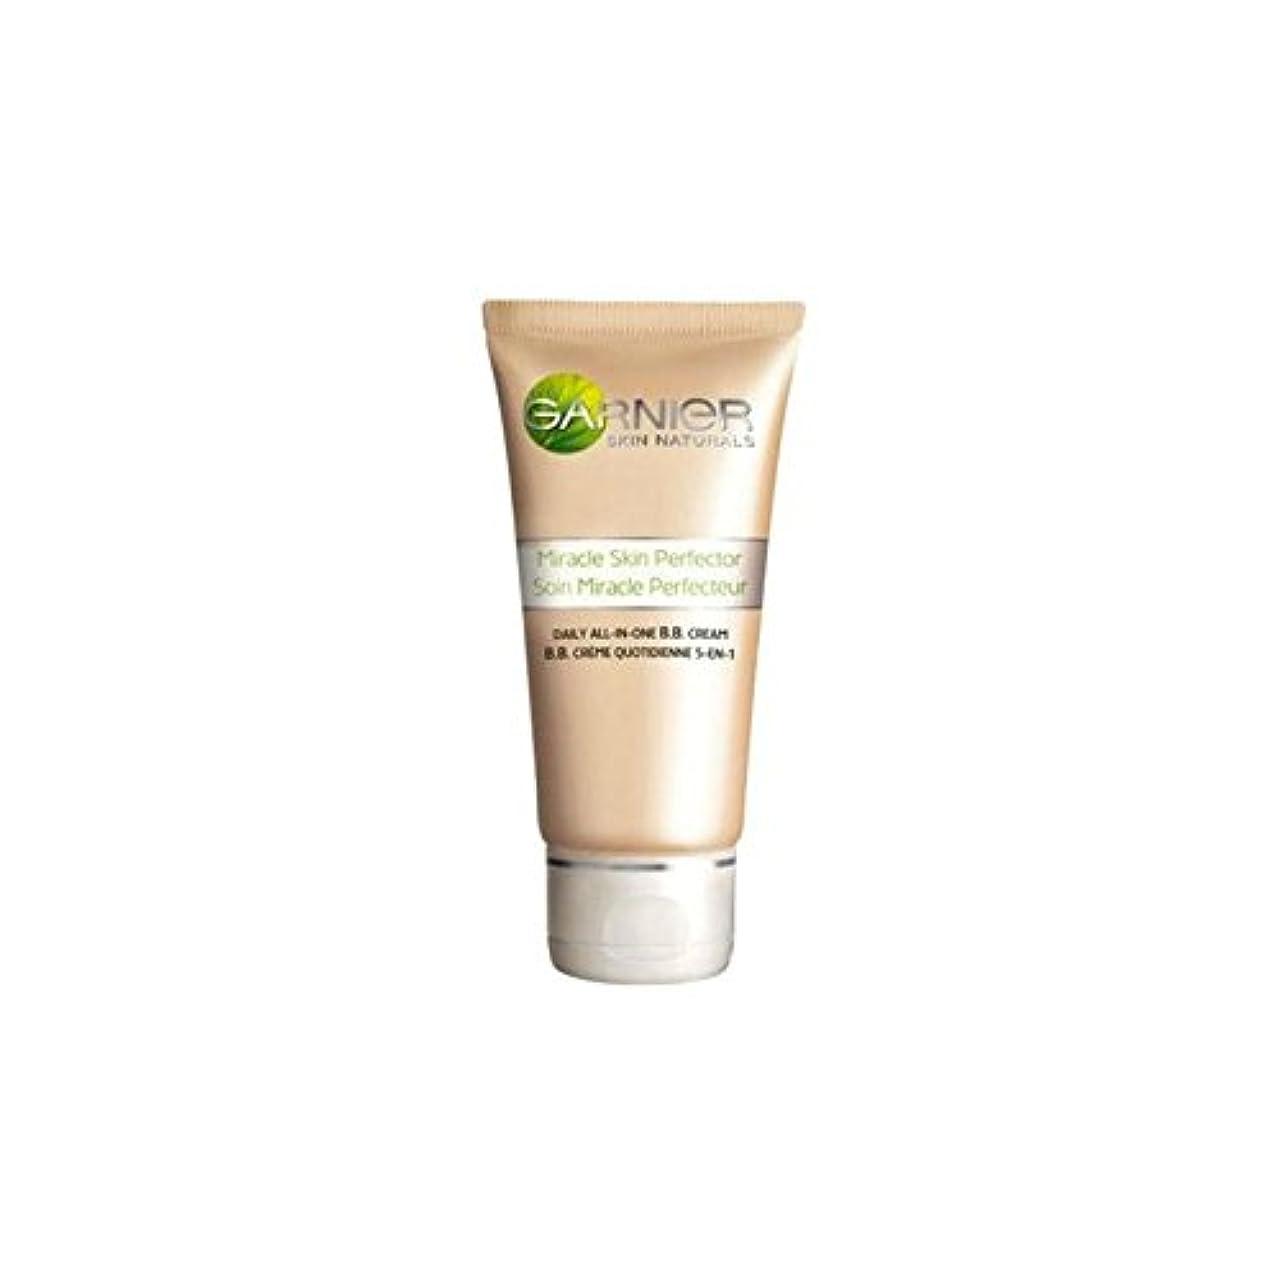 バイパス泣く絶えずGarnier Original Medium Bb Cream (50ml) (Pack of 6) - ガルニエオリジナル媒体クリーム(50)中 x6 [並行輸入品]